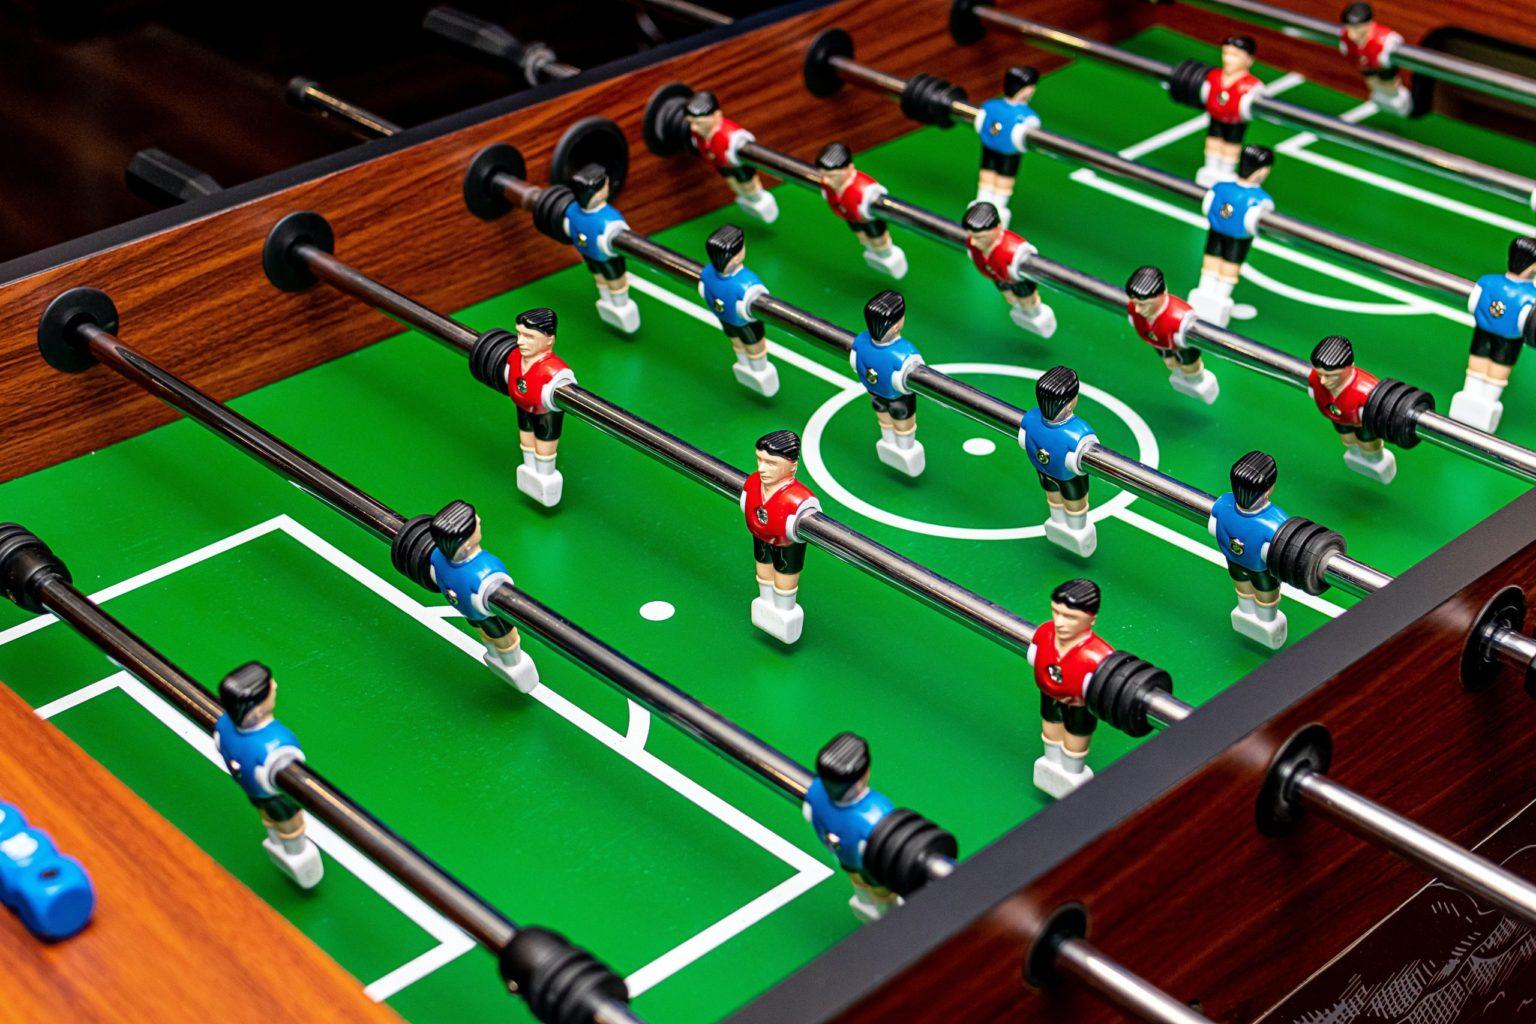 Как ставить на футбол, чтобы выигрывать. Лучшие стратегии